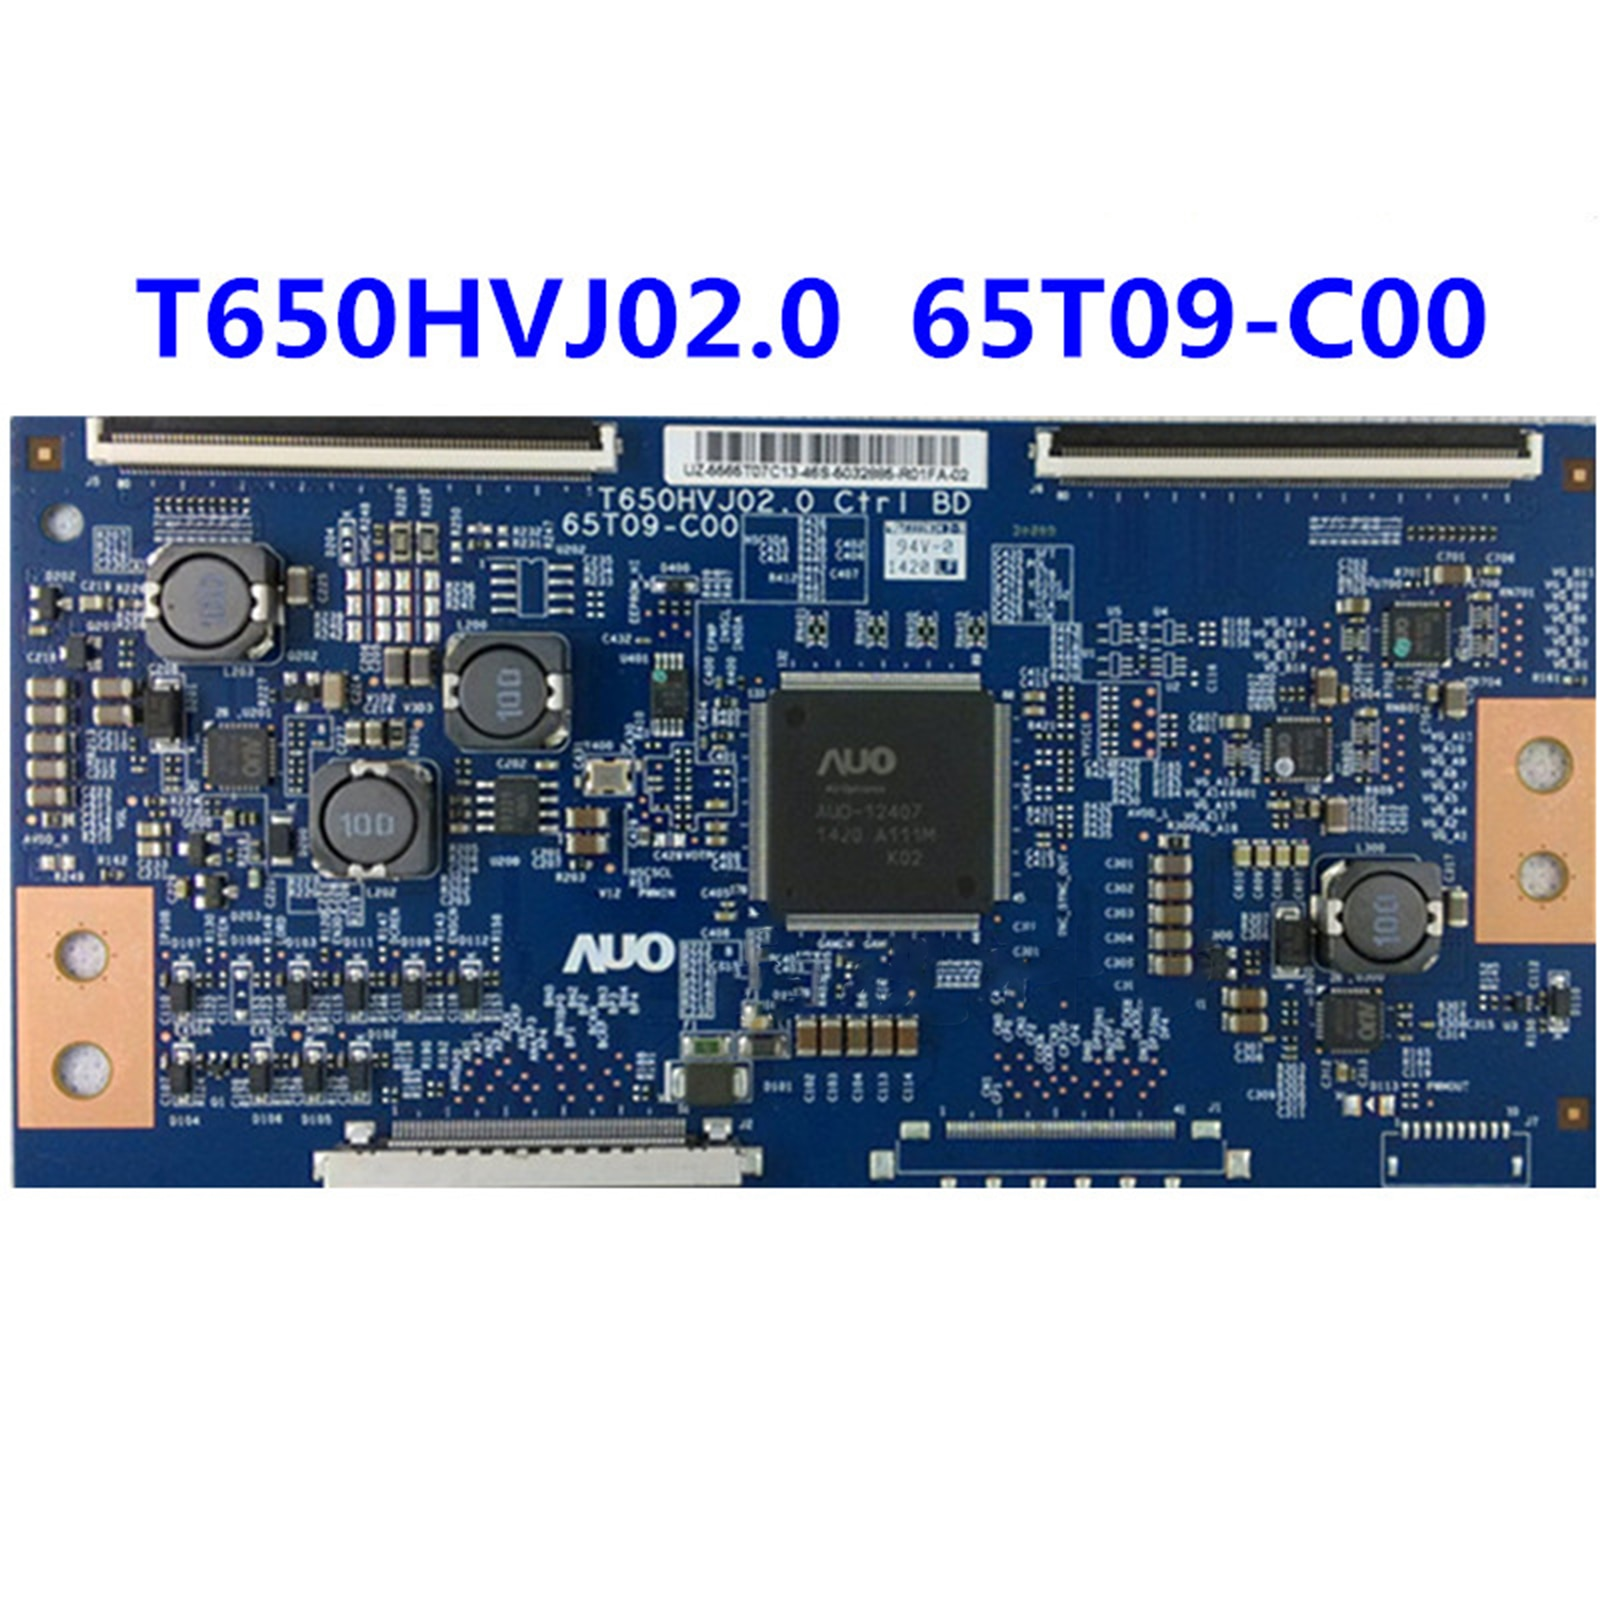 T650HVJ02.0 65T09-C00-لوحة منطقية لاسلكية أصلية 65 بوصة 60 هرتز ، اختبار شامل ، ضمان الجودة ، 65T09-C00